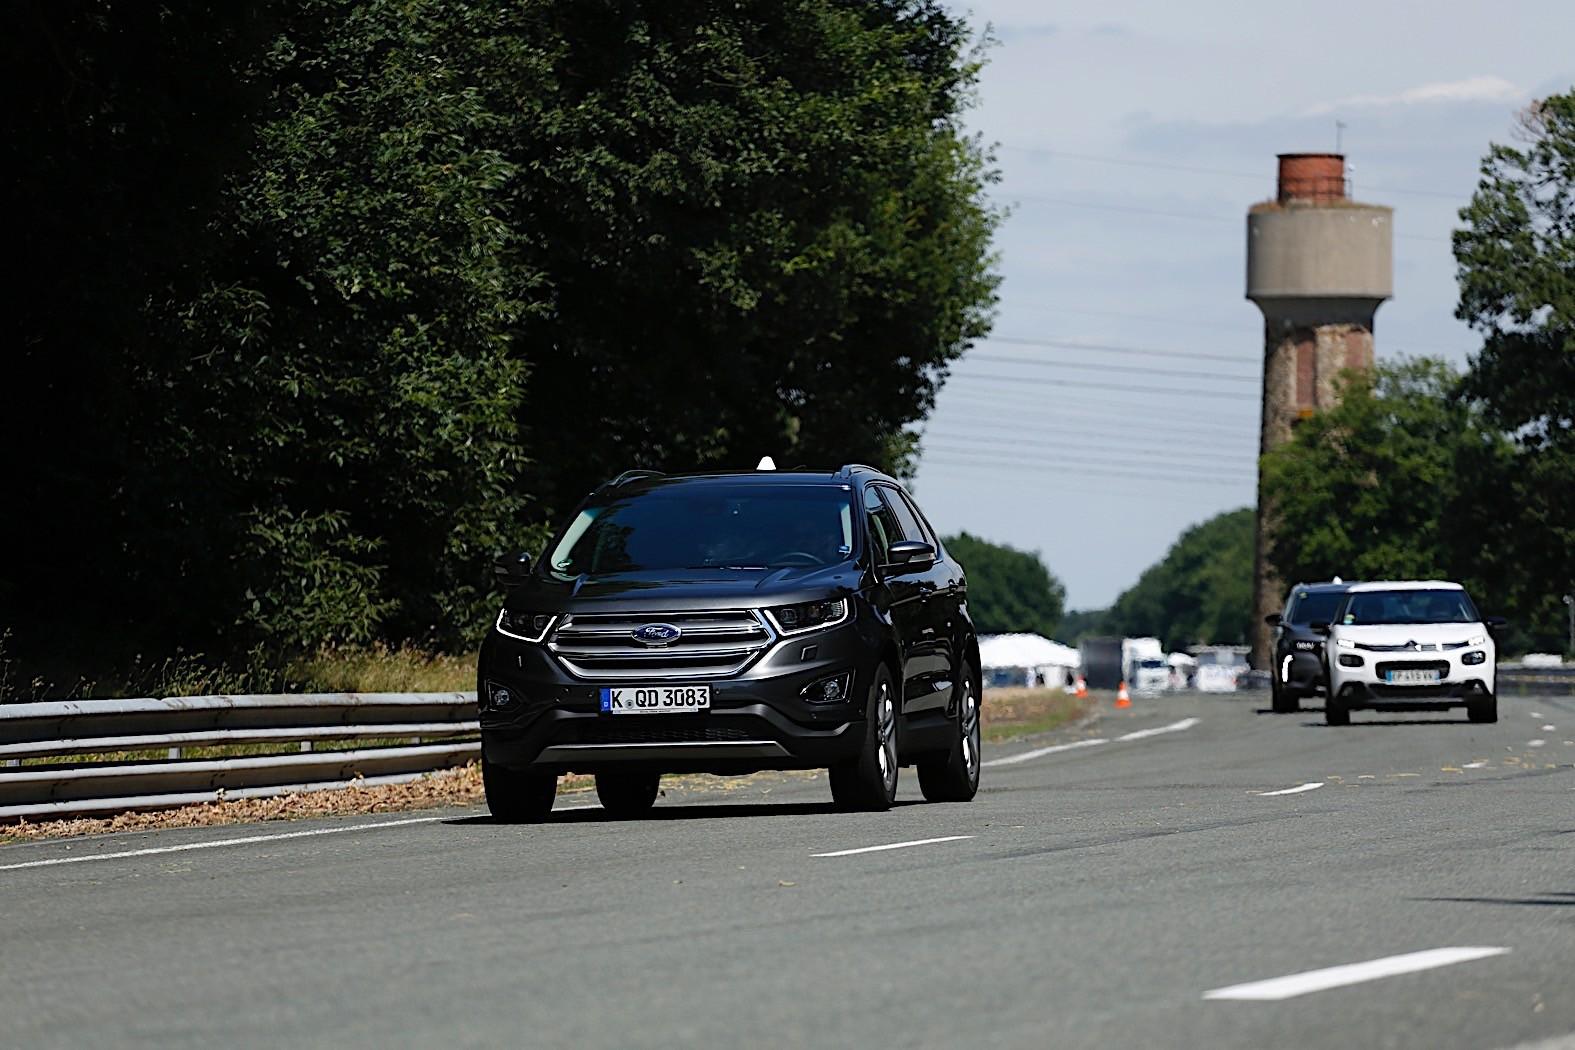 福特/宝马/PSA联合展示V2X技术成果 不同品牌汽车交流